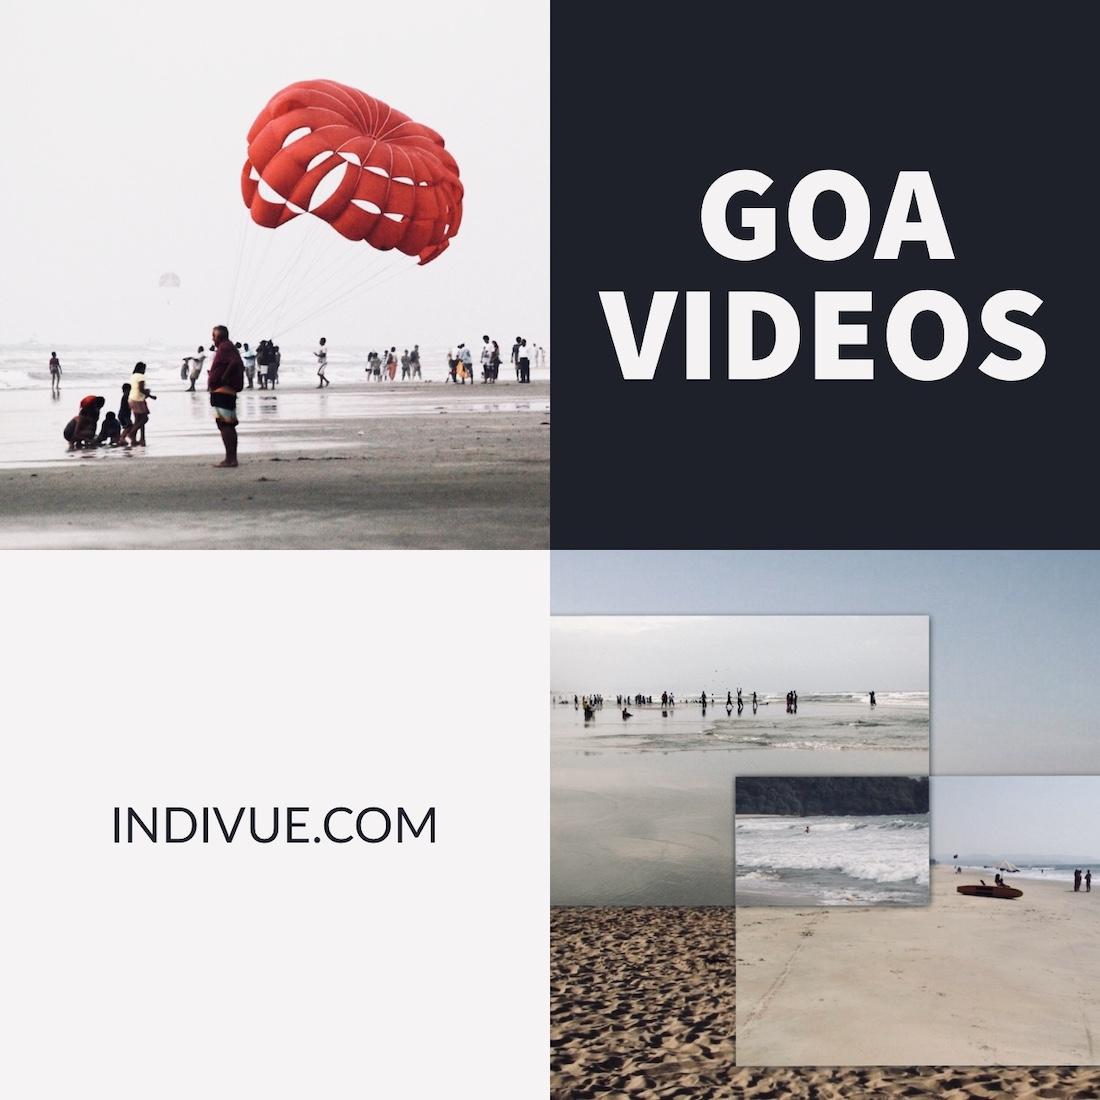 Goavideoiden kansikuva